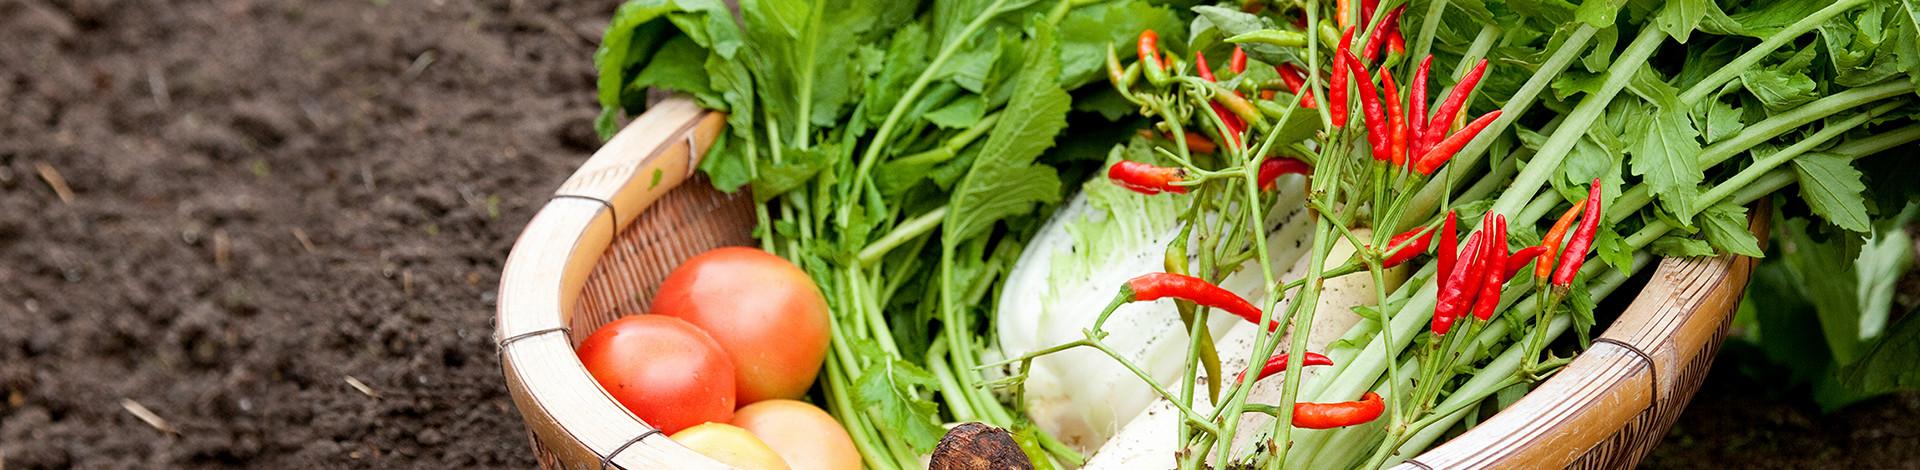 京野菜や市場には出回らない野菜・果物を取り扱っております。